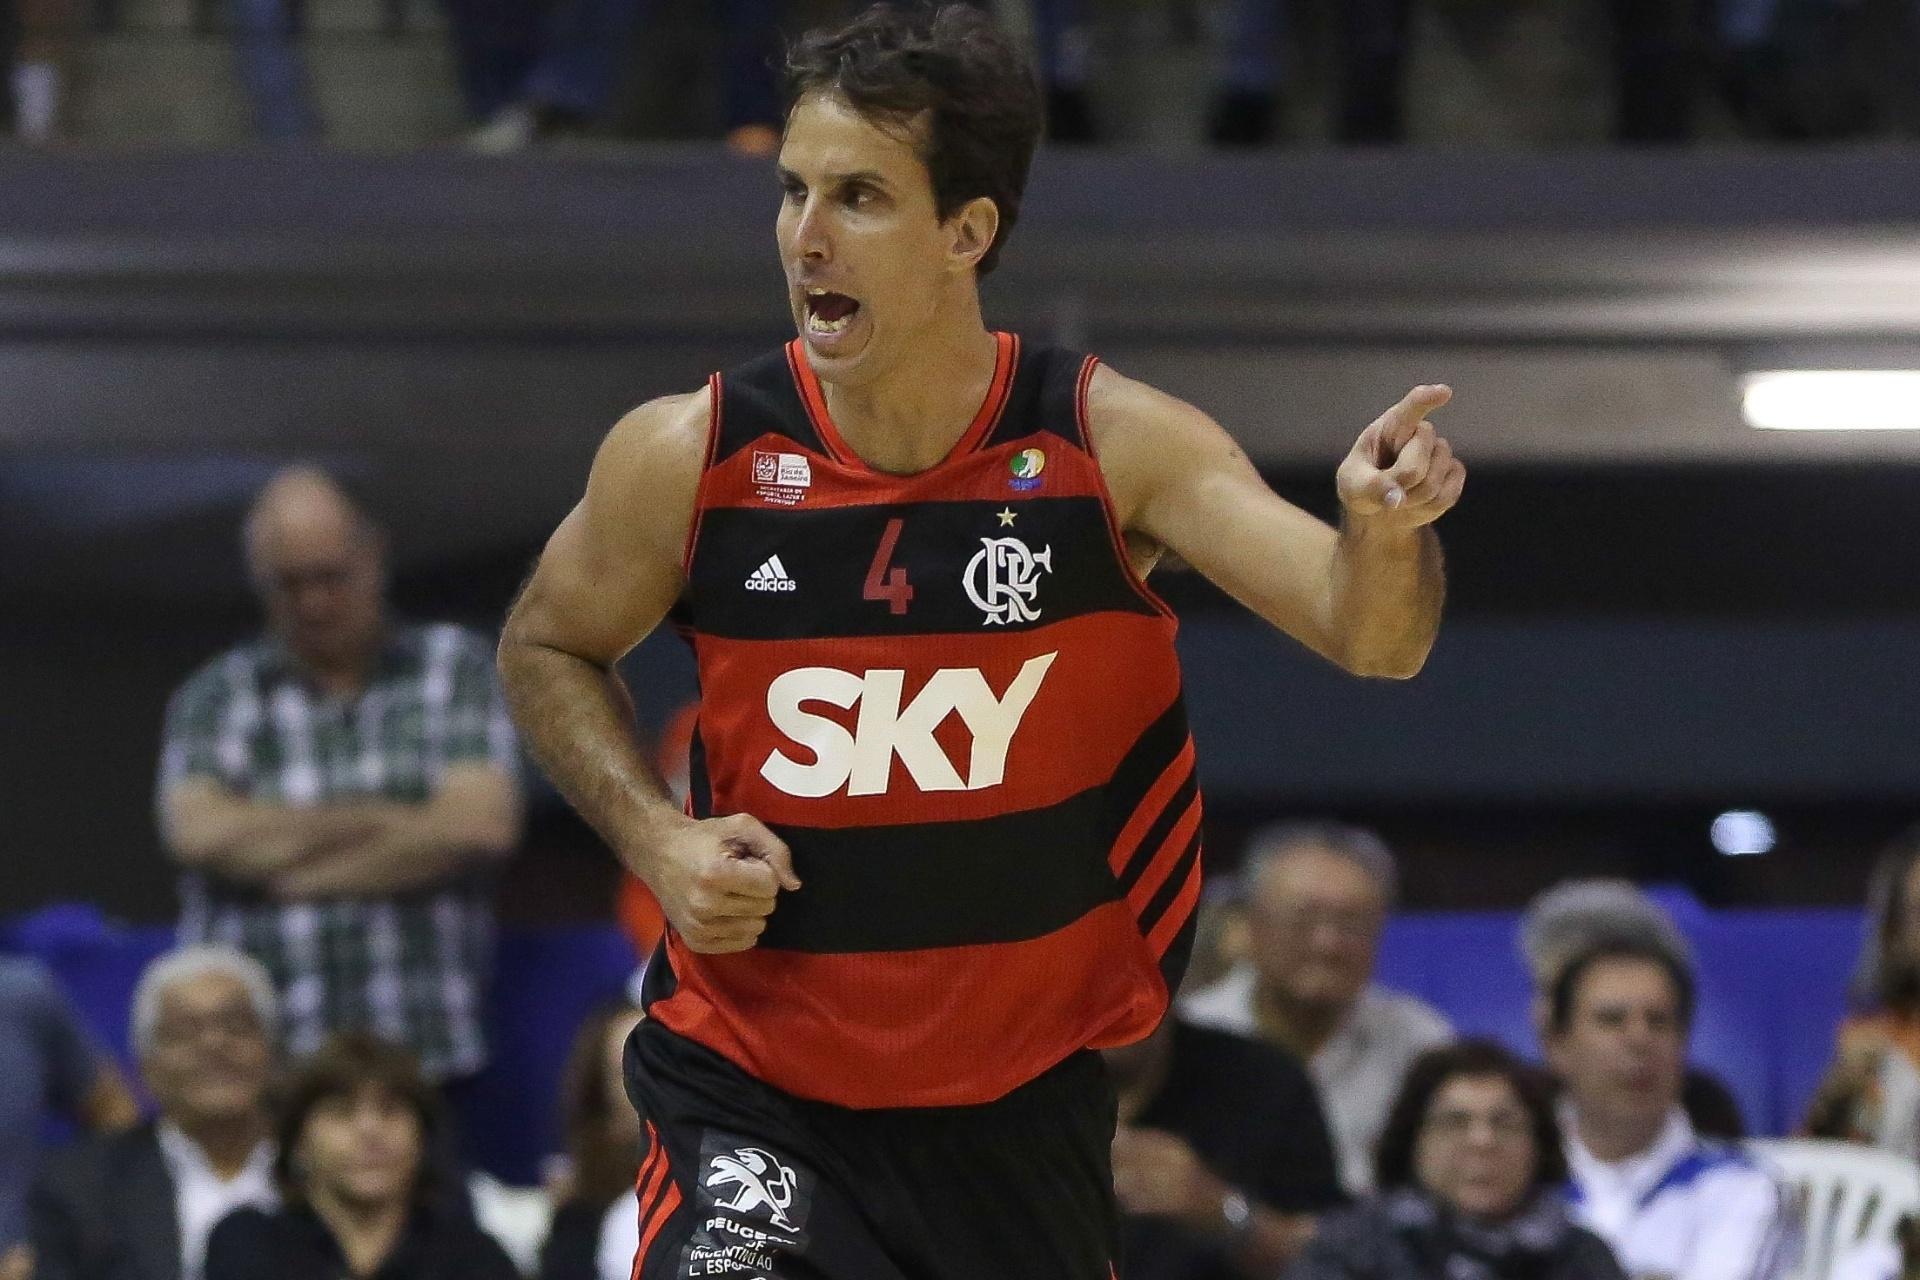 Marcelinho Machado vibra após cesta na vitória do Flamengo sobre o Bauru